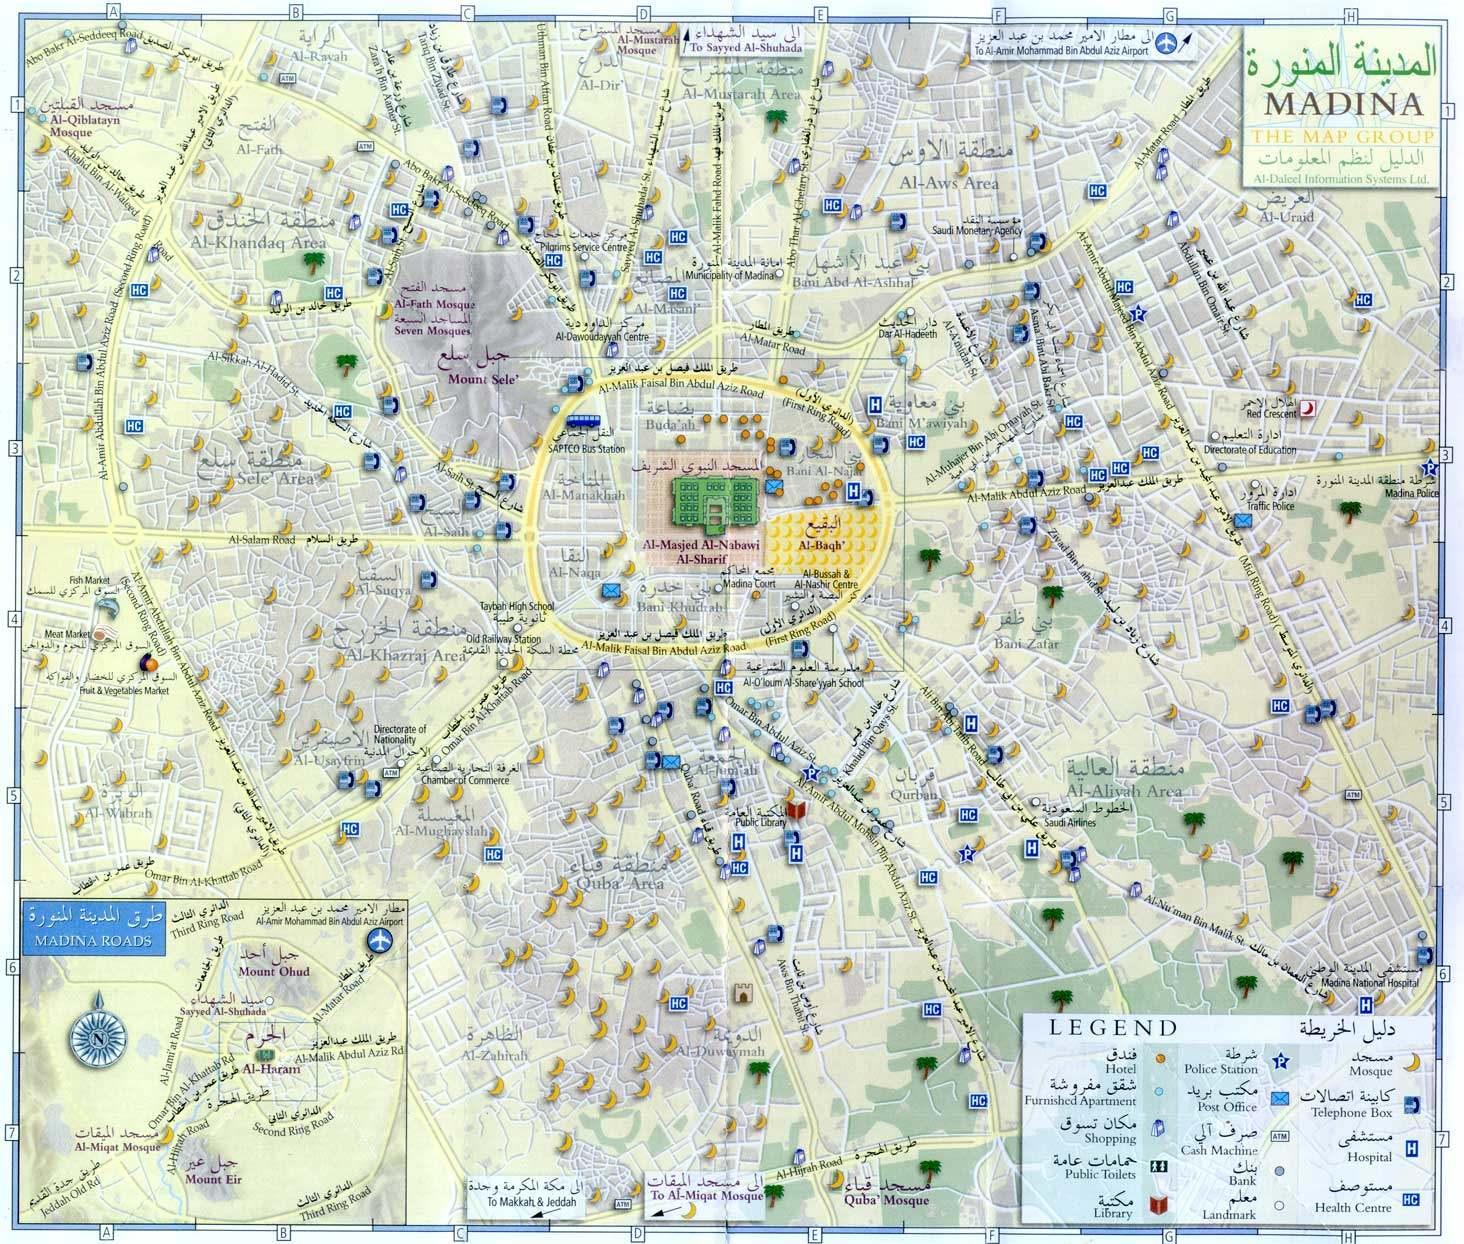 خريطة توضيحية كل من مكه والمدينة المنورة